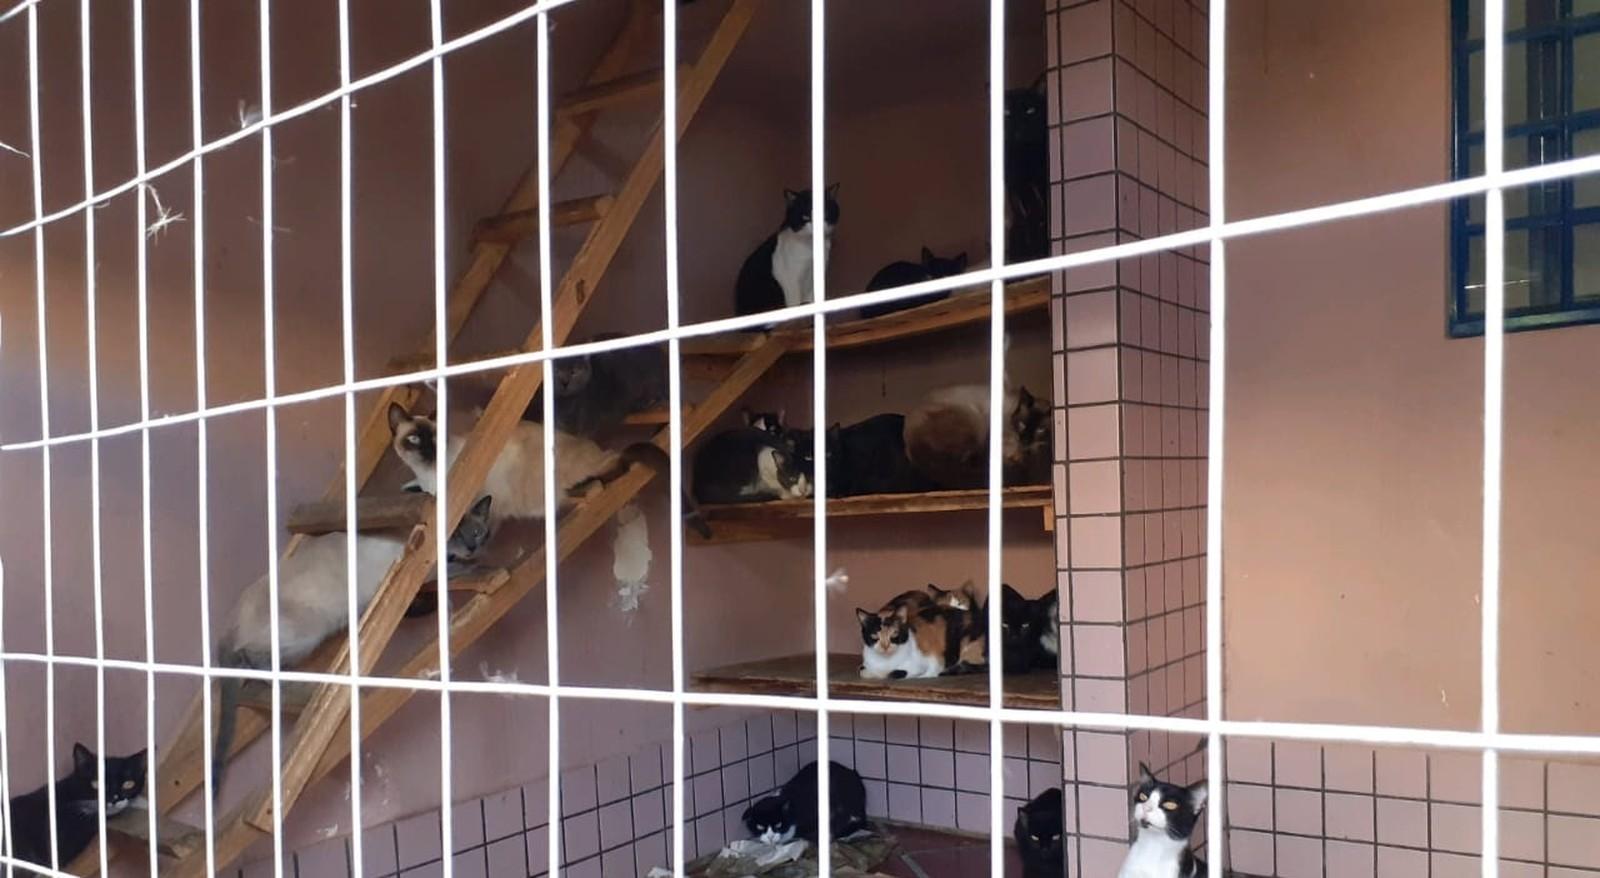 gatos em situação de maus-tratos